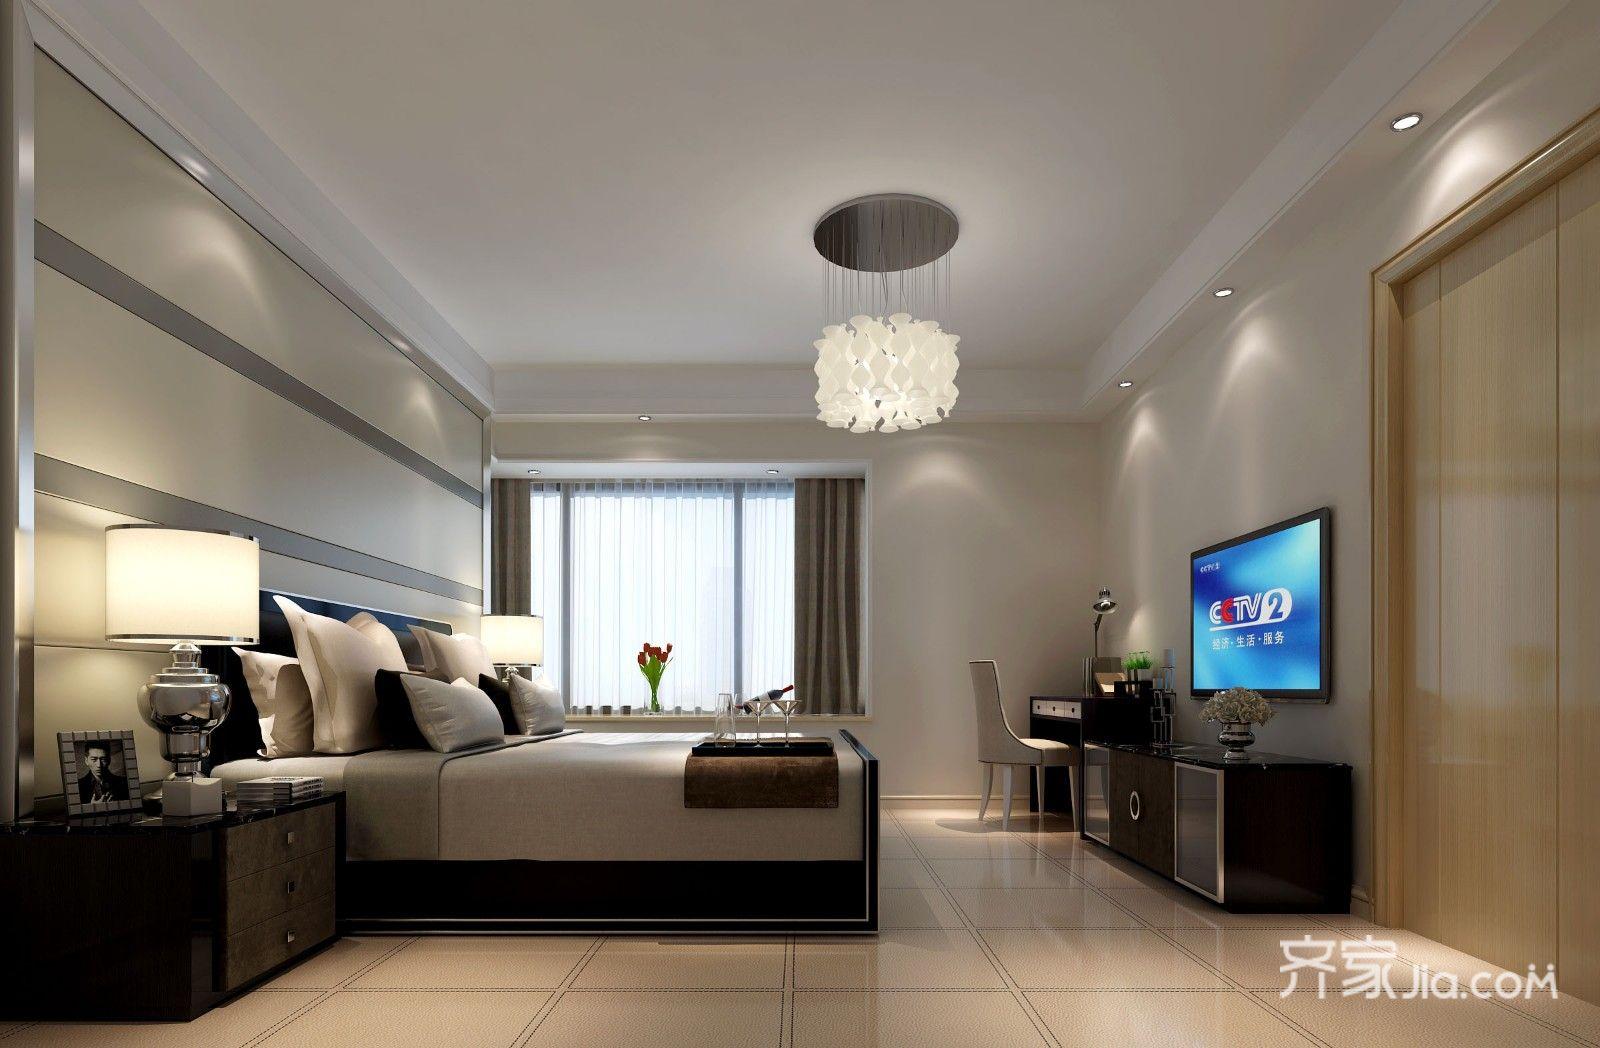 140平米现代风格卧室装修效果图